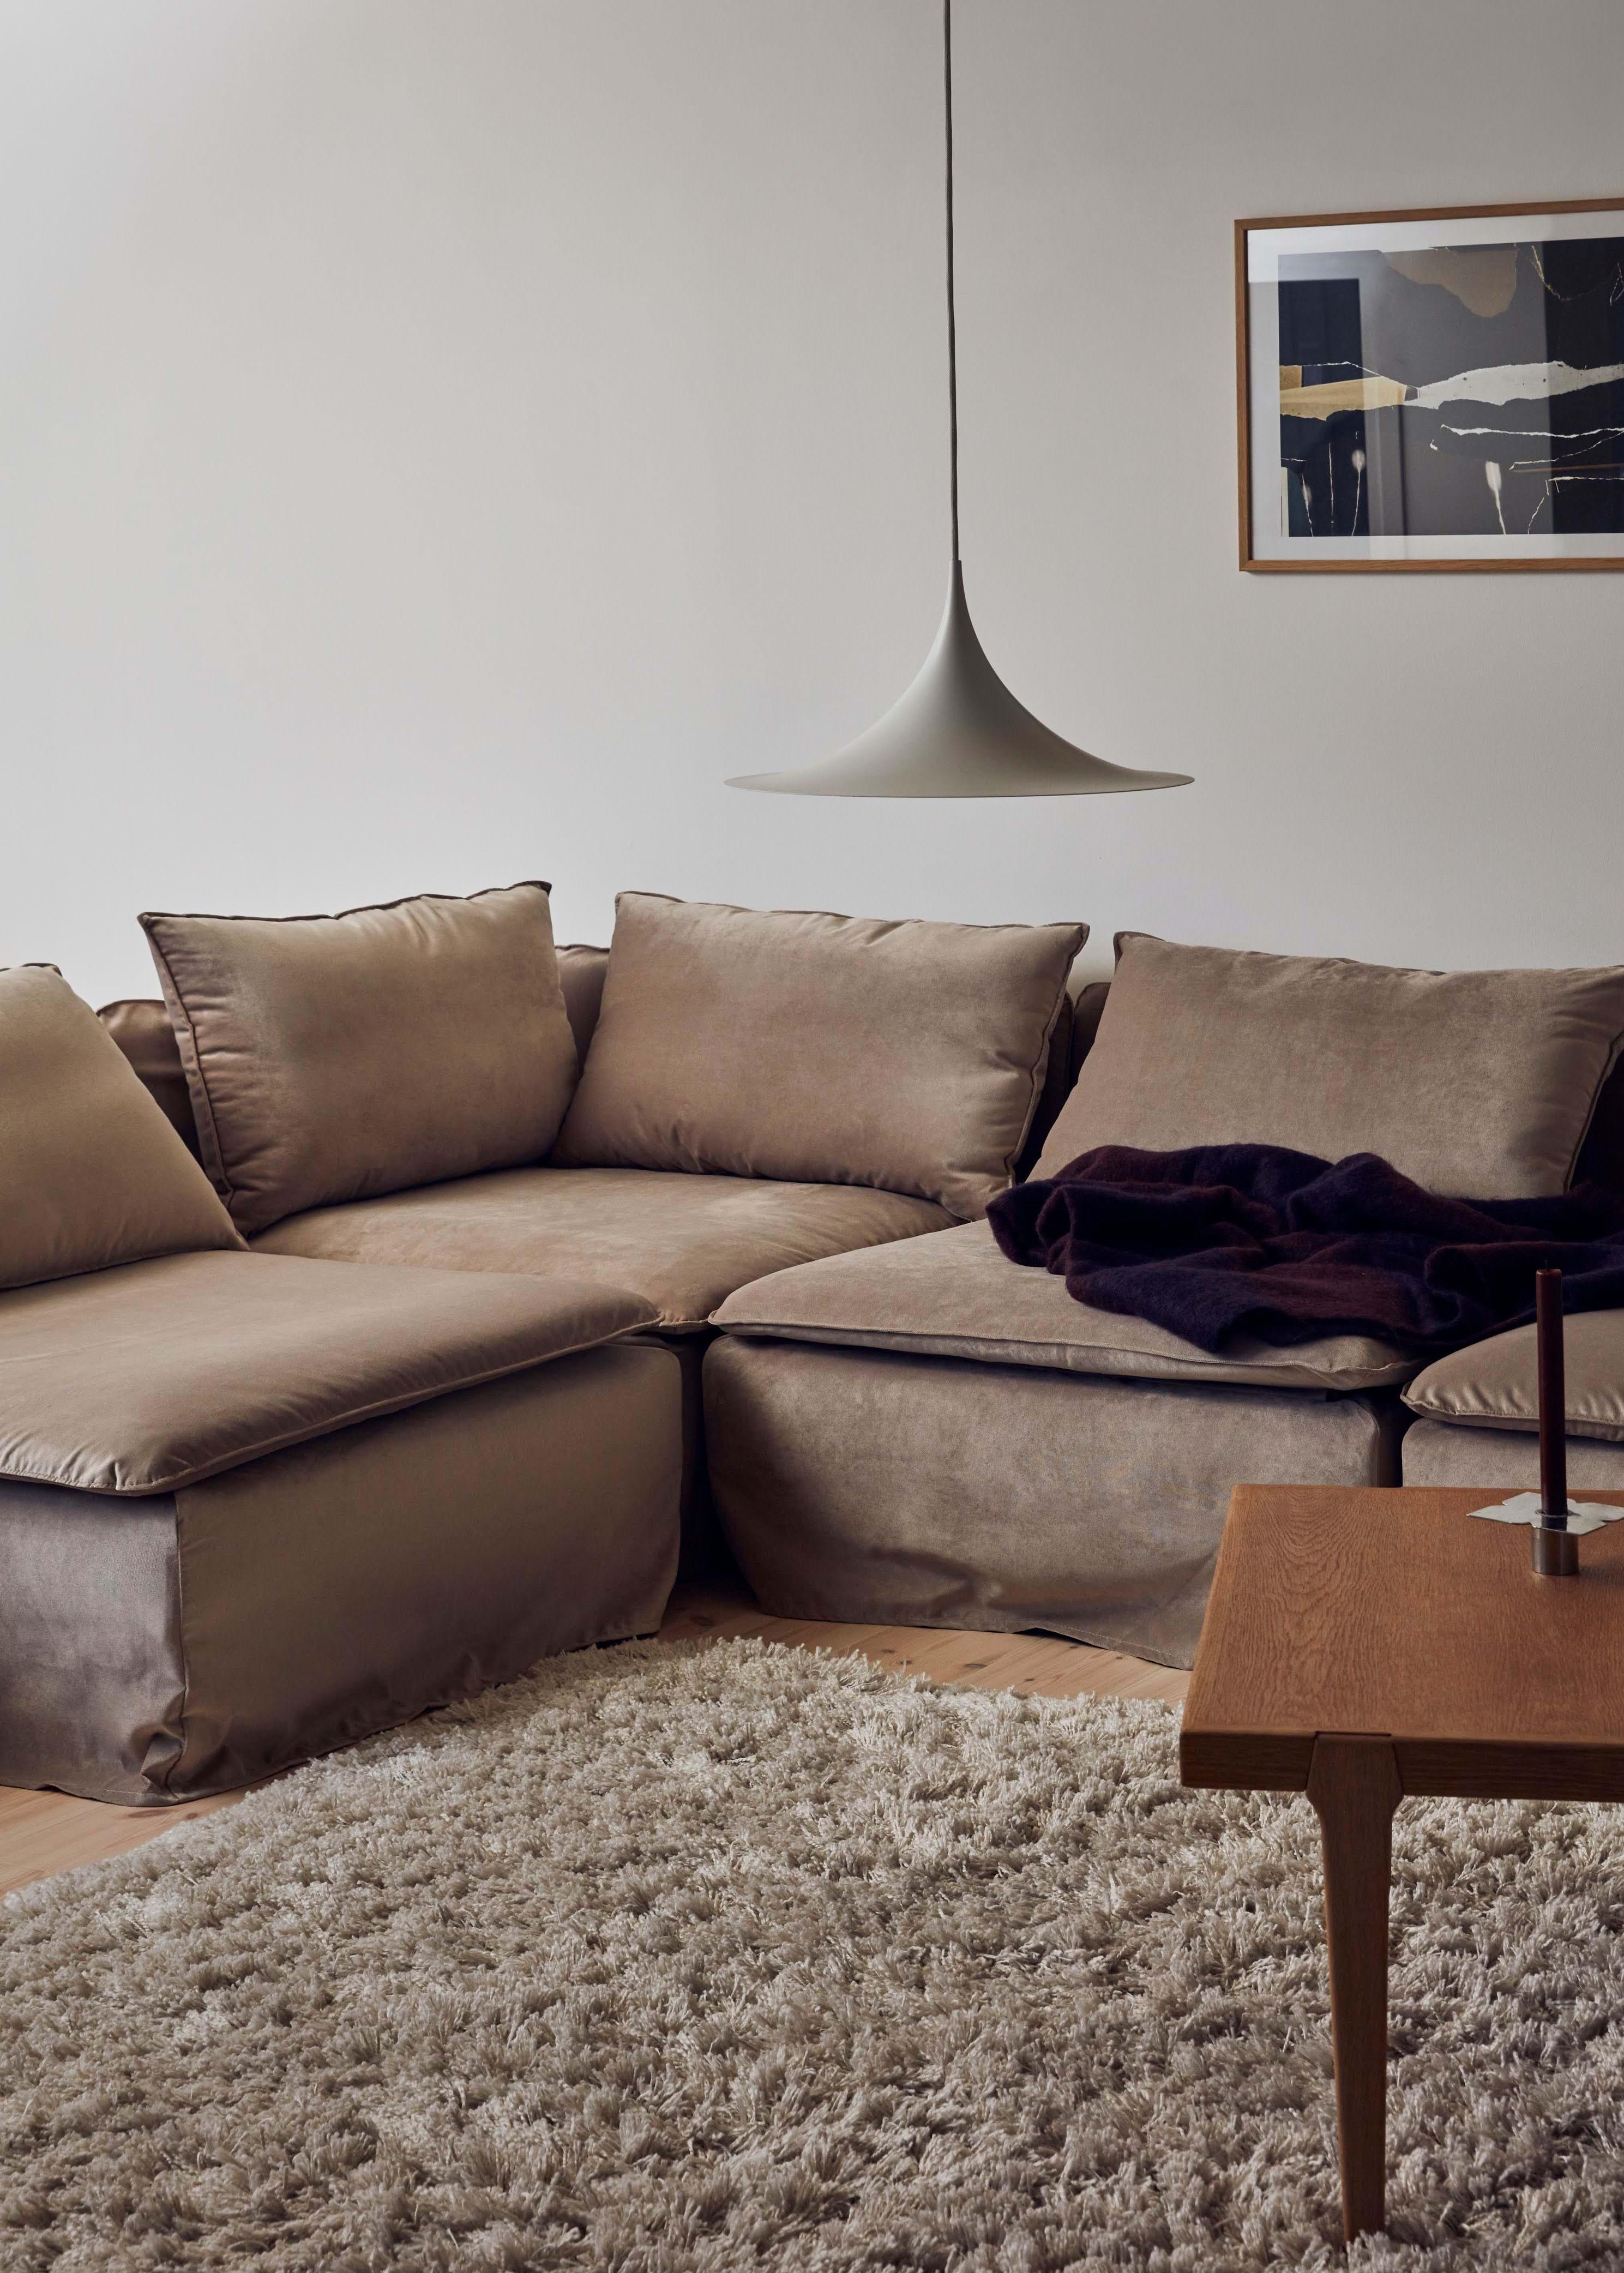 IKEA Söderhamn soffa översikt by Bemz | Bemz